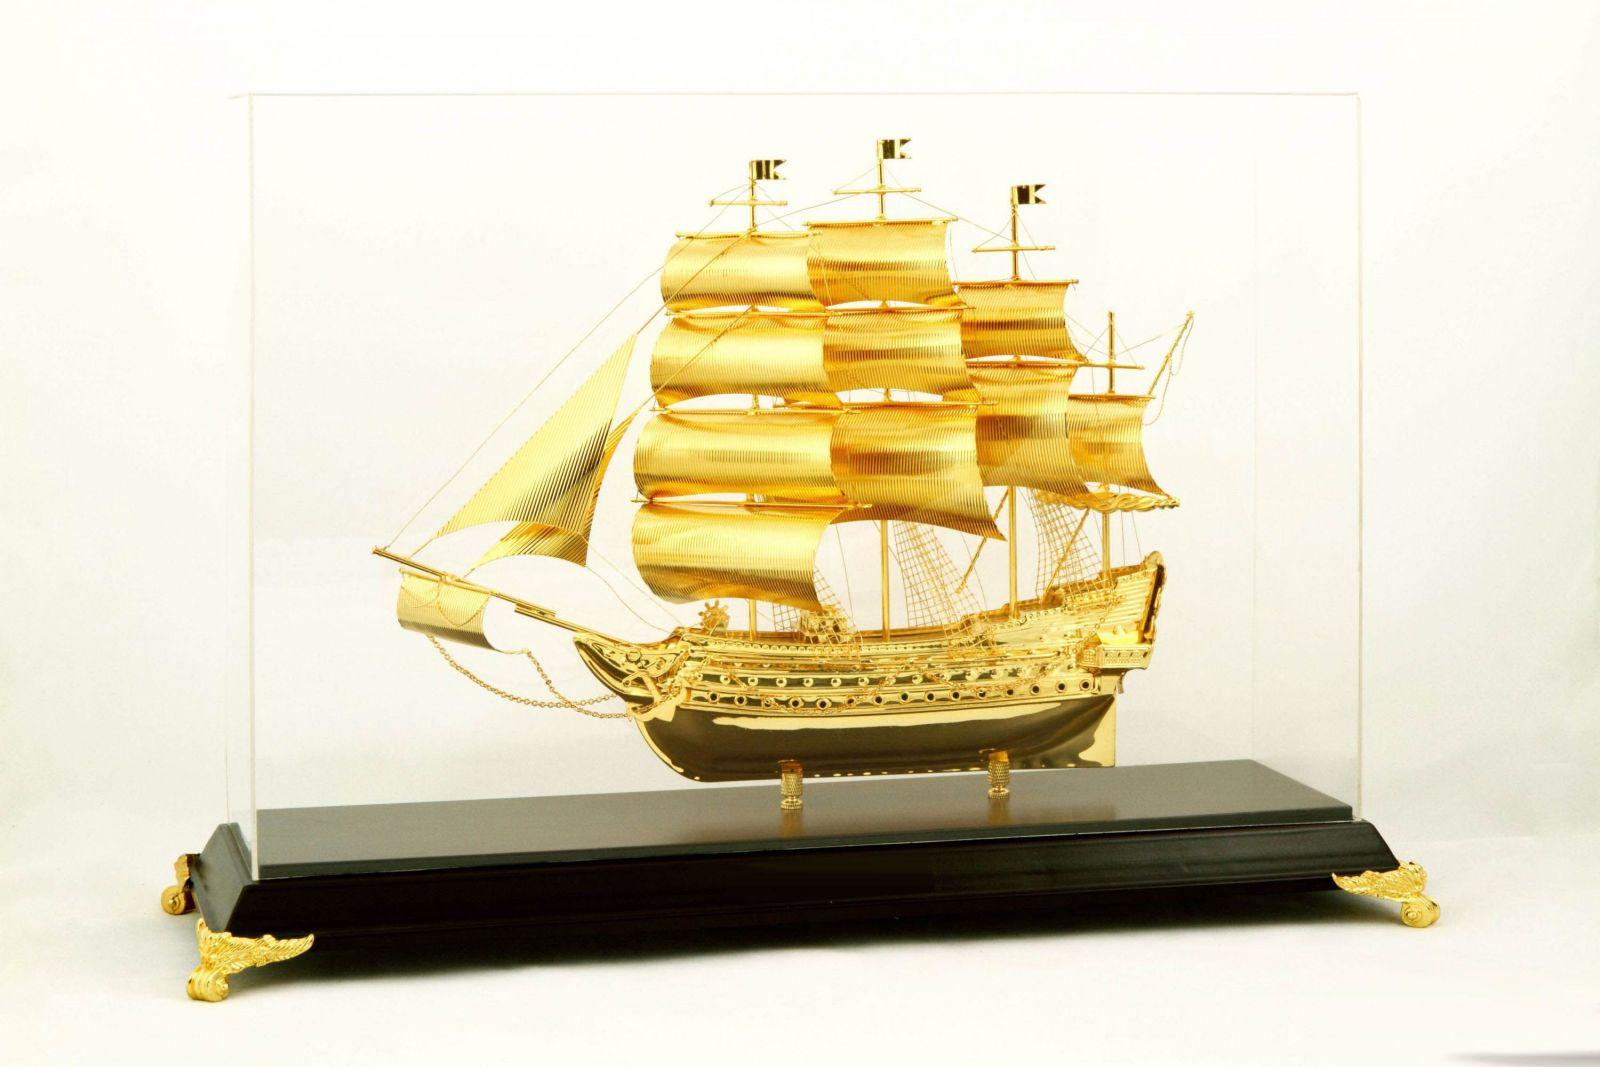 Qùa tặng tân gia, khai trương, thăng chức ý nghĩa vởi thuyền buồm mạ vàng